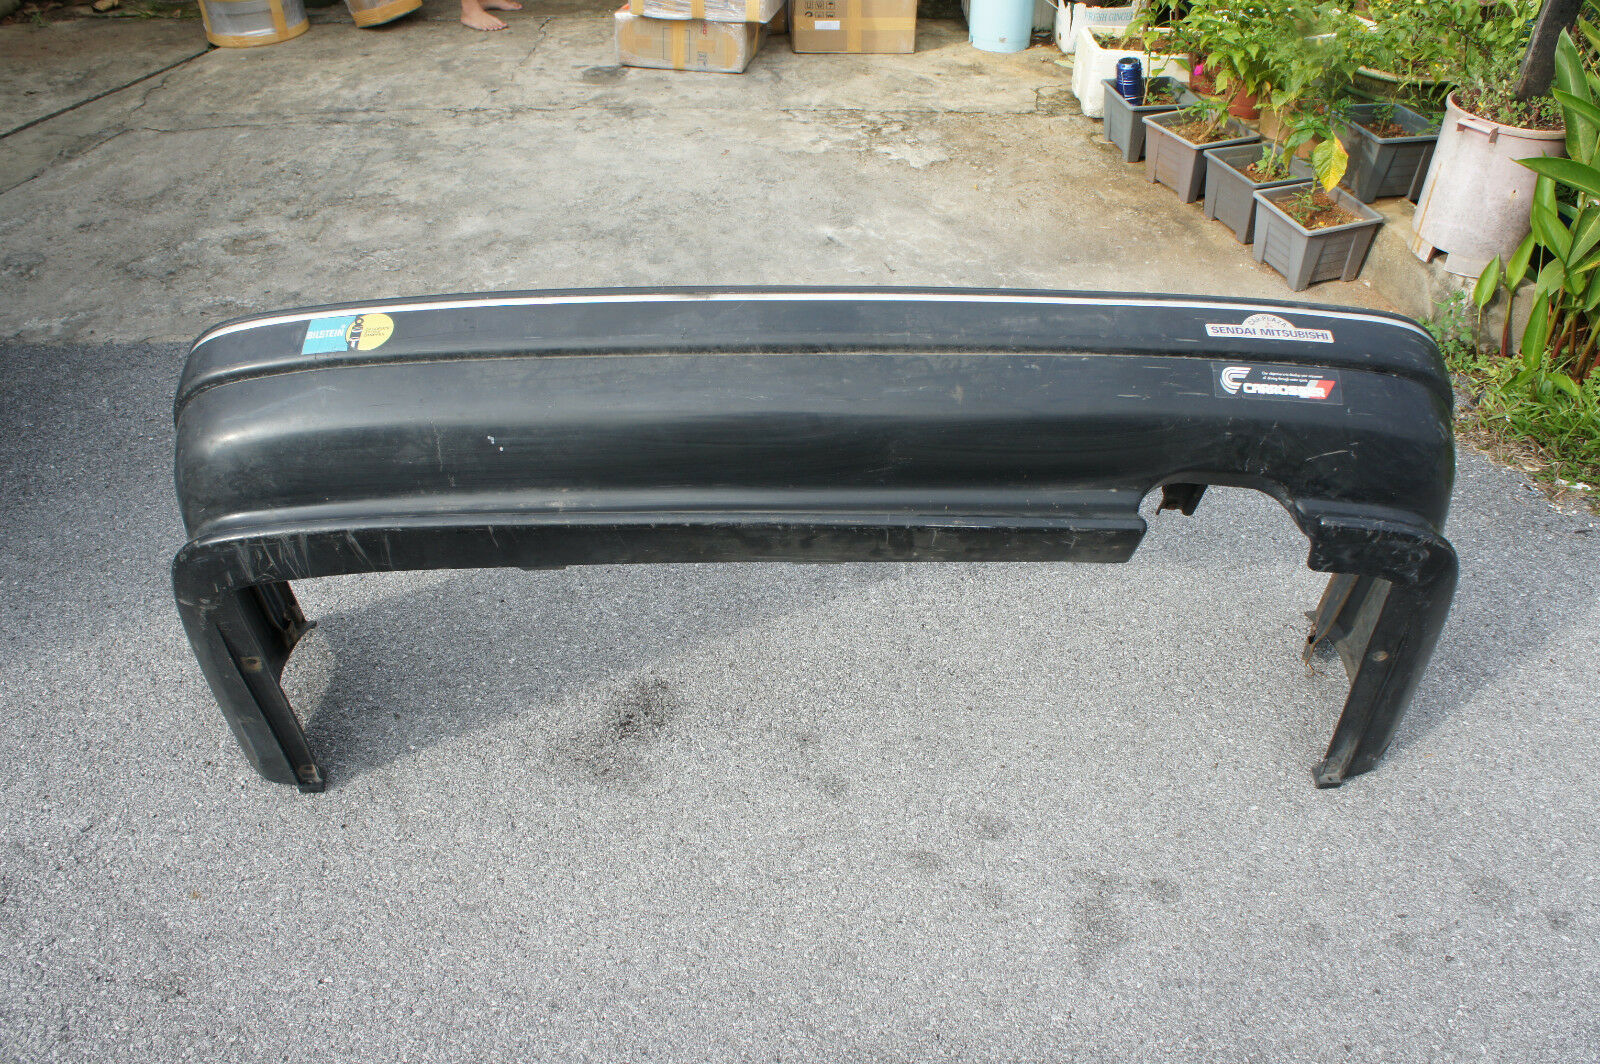 Used Mitsubishi Galant Body Kits for Sale